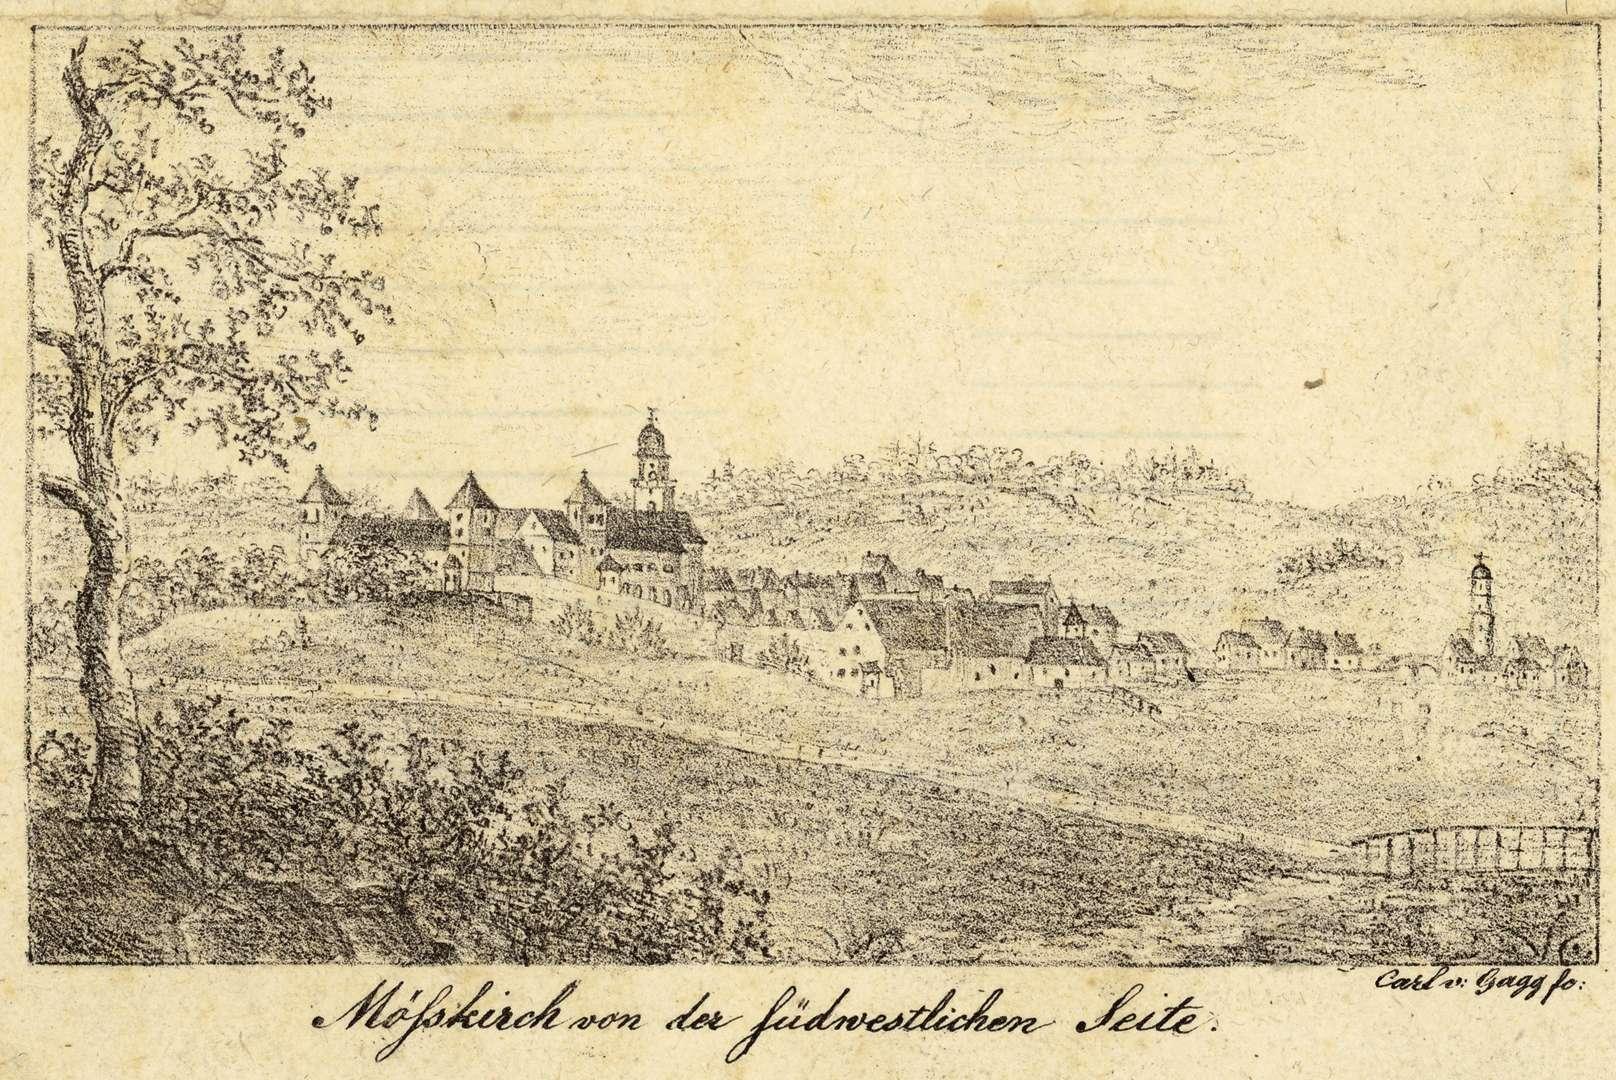 Moesskirch von der südwestlichen Seite, Bild 1